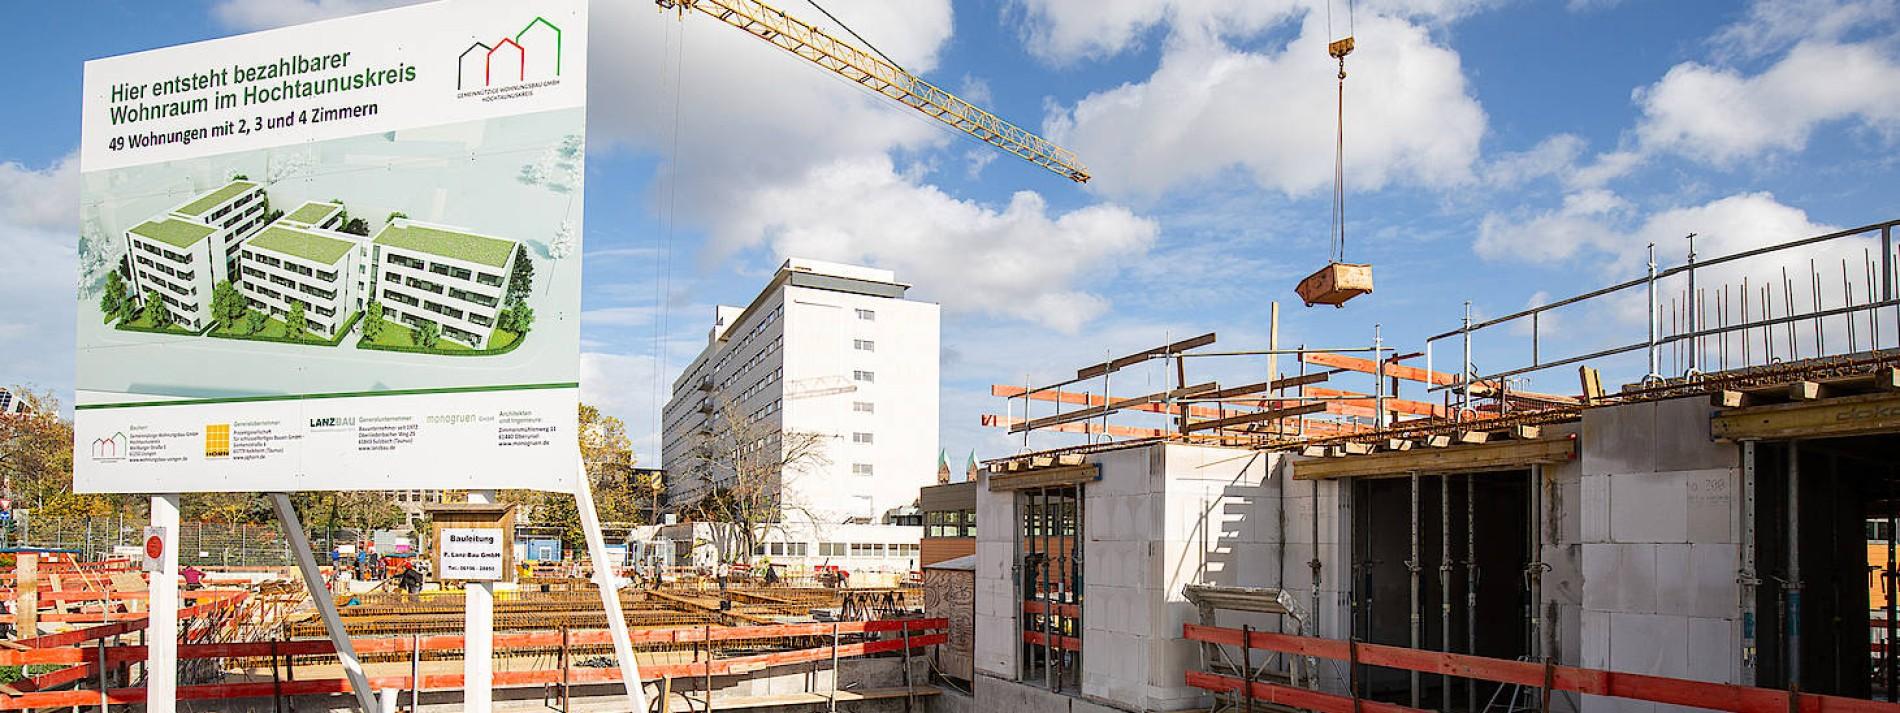 Bad Homburg möchte günstiger bauen